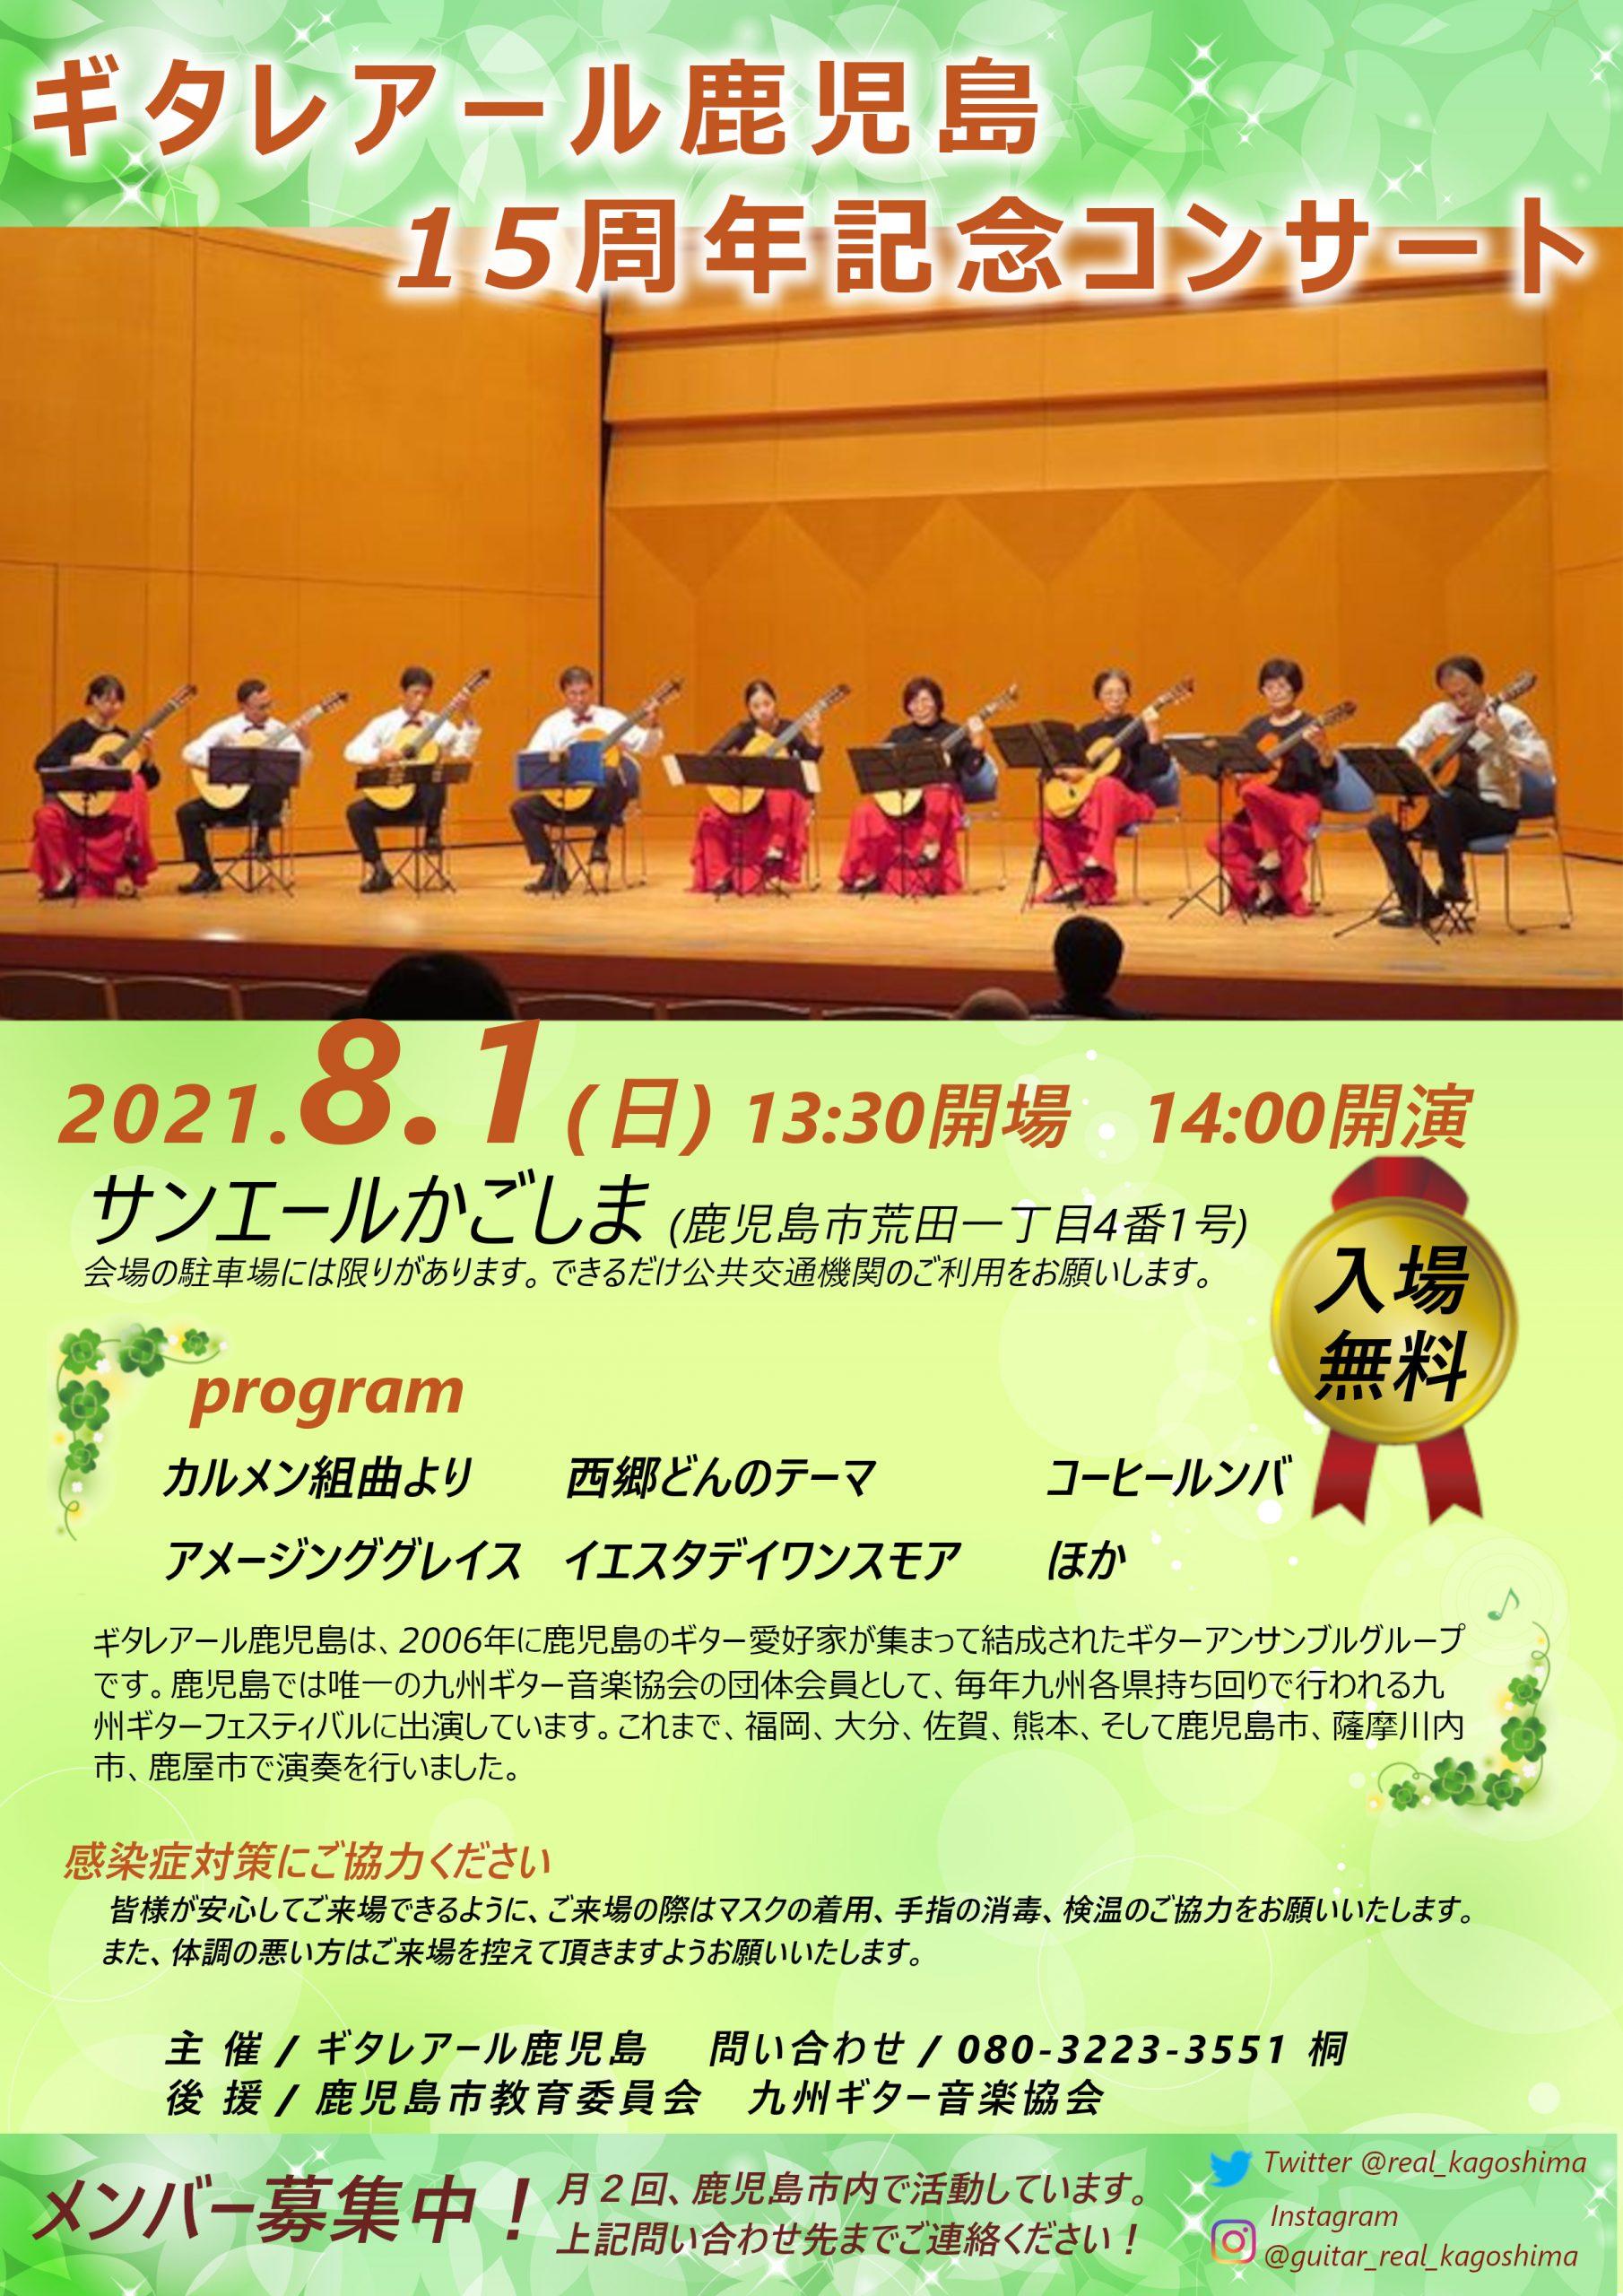 ギタレアール鹿児島15周年記念コンサート